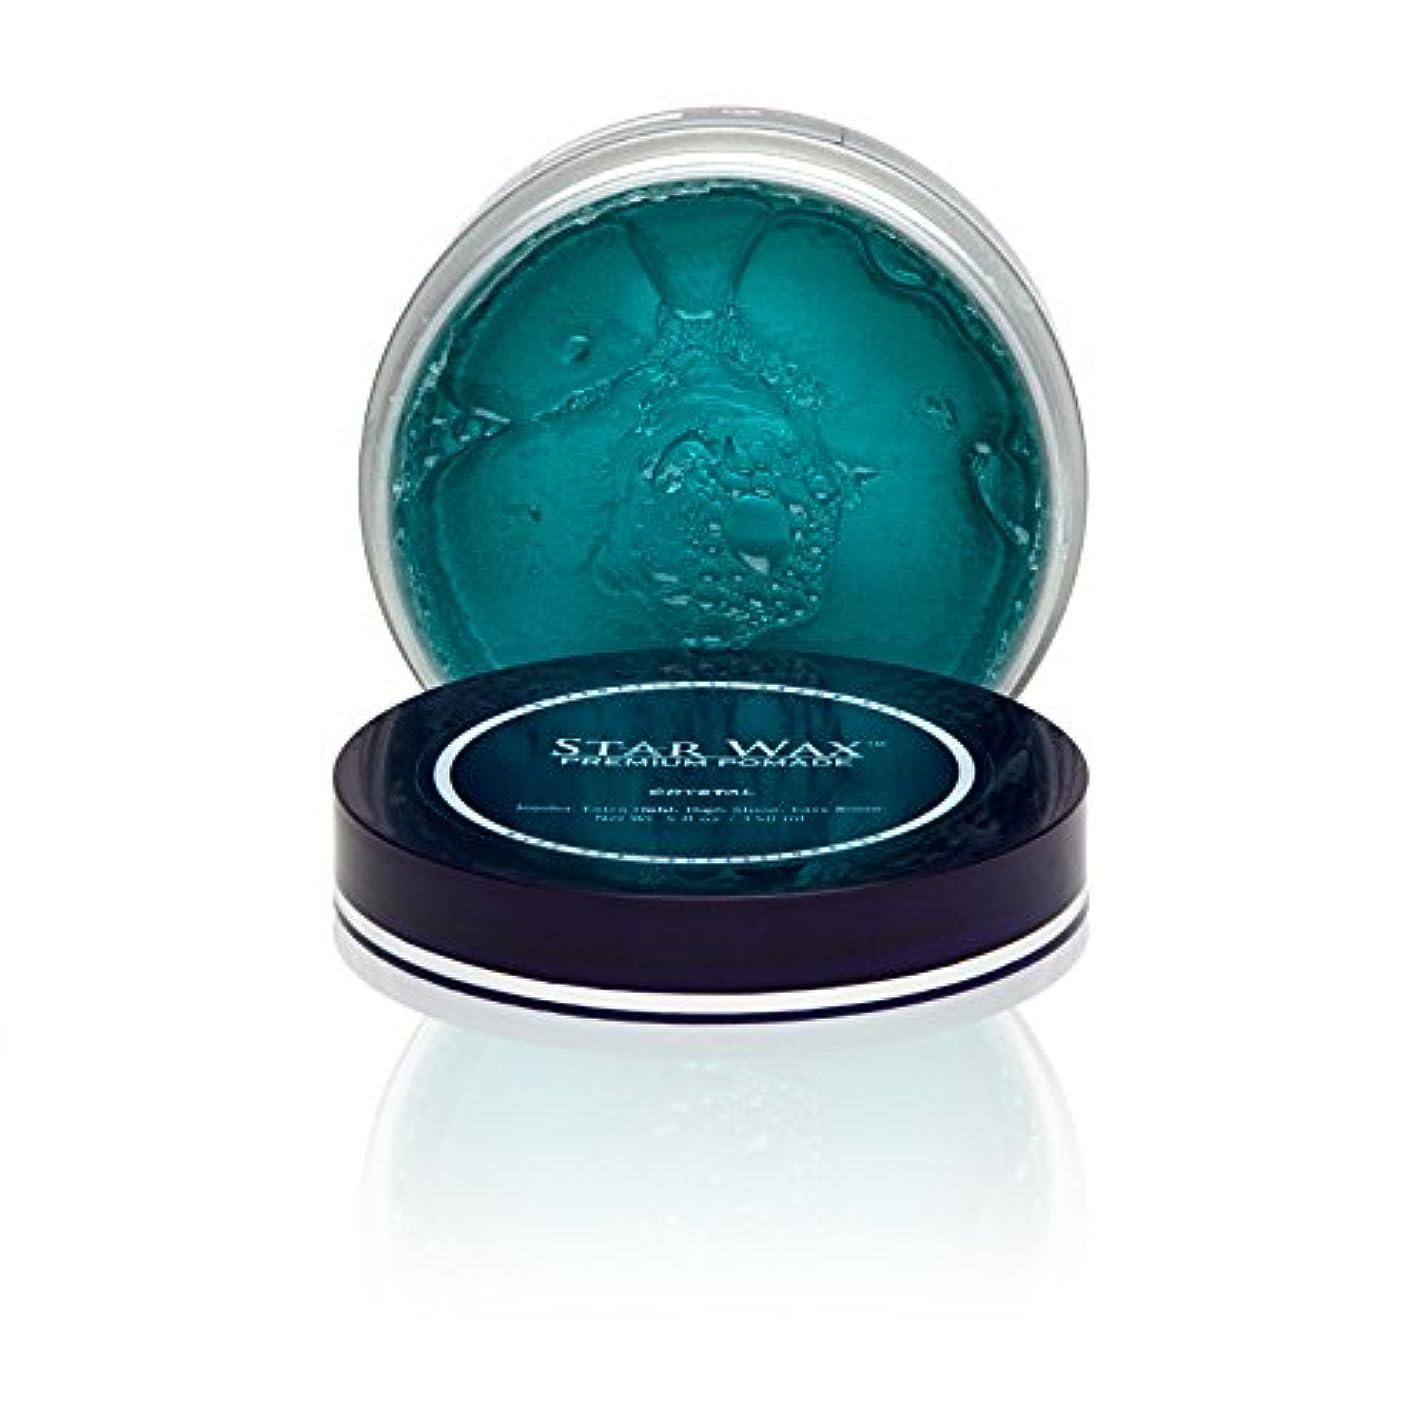 スカイいいねハイキングStar Wax | Premium Pomade, Crystal(スターワックスプレミアム ポマード「クリスタル」)?Star Pro Line(スタープロライン)製?5(液量)オンス/150ml